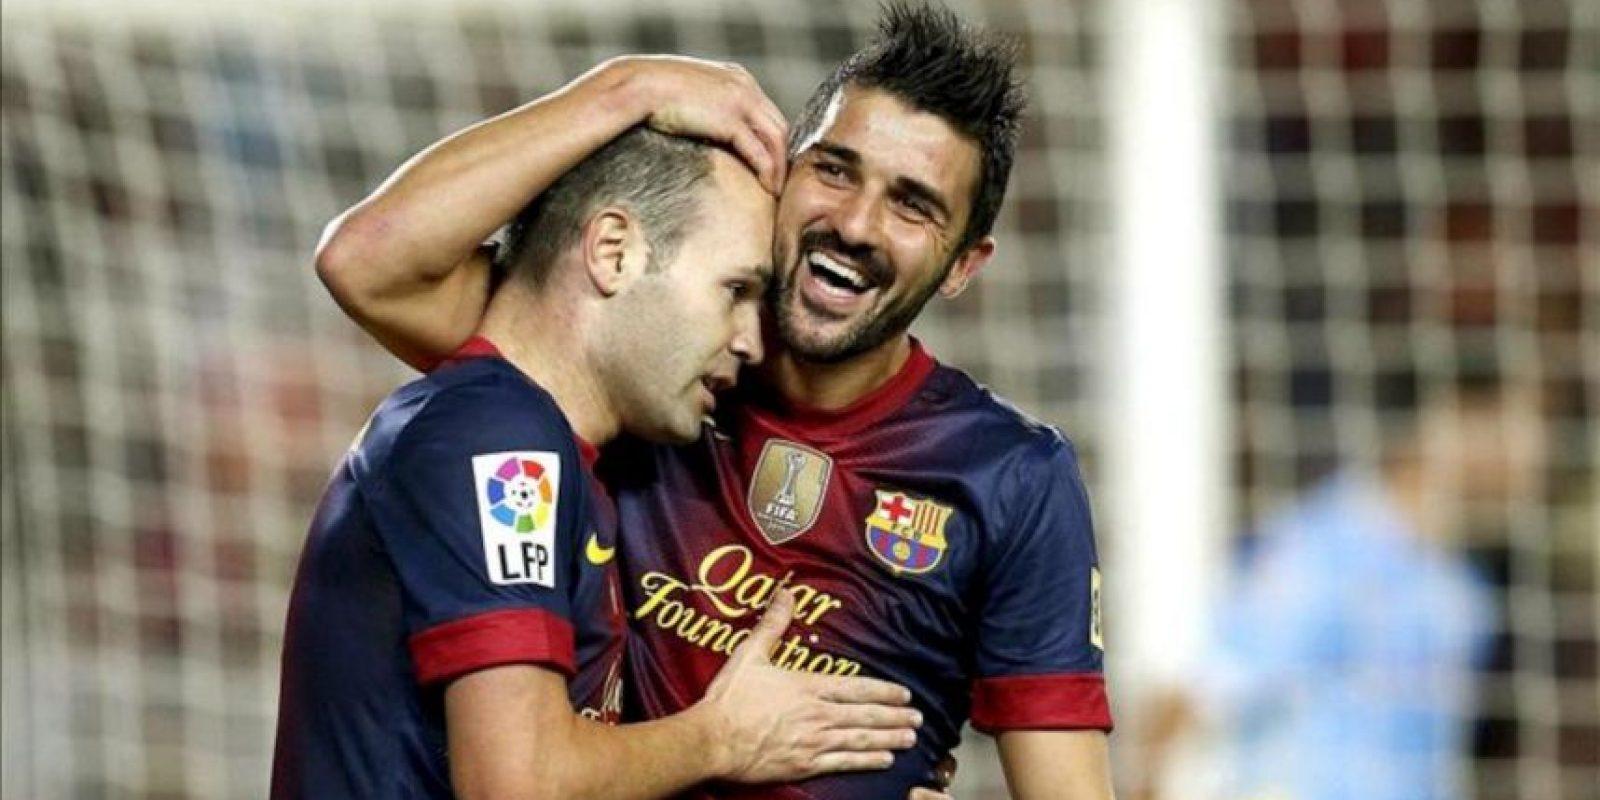 El delantero del Barcelona David Villa (d) celebra con su compañero Andrés Iniesta la consecución del segundo gol de su equipo frente al Celta, correspondiente a la décima jornada de la Liga de Primera División disputado en el estadio Camp Nou. EFE